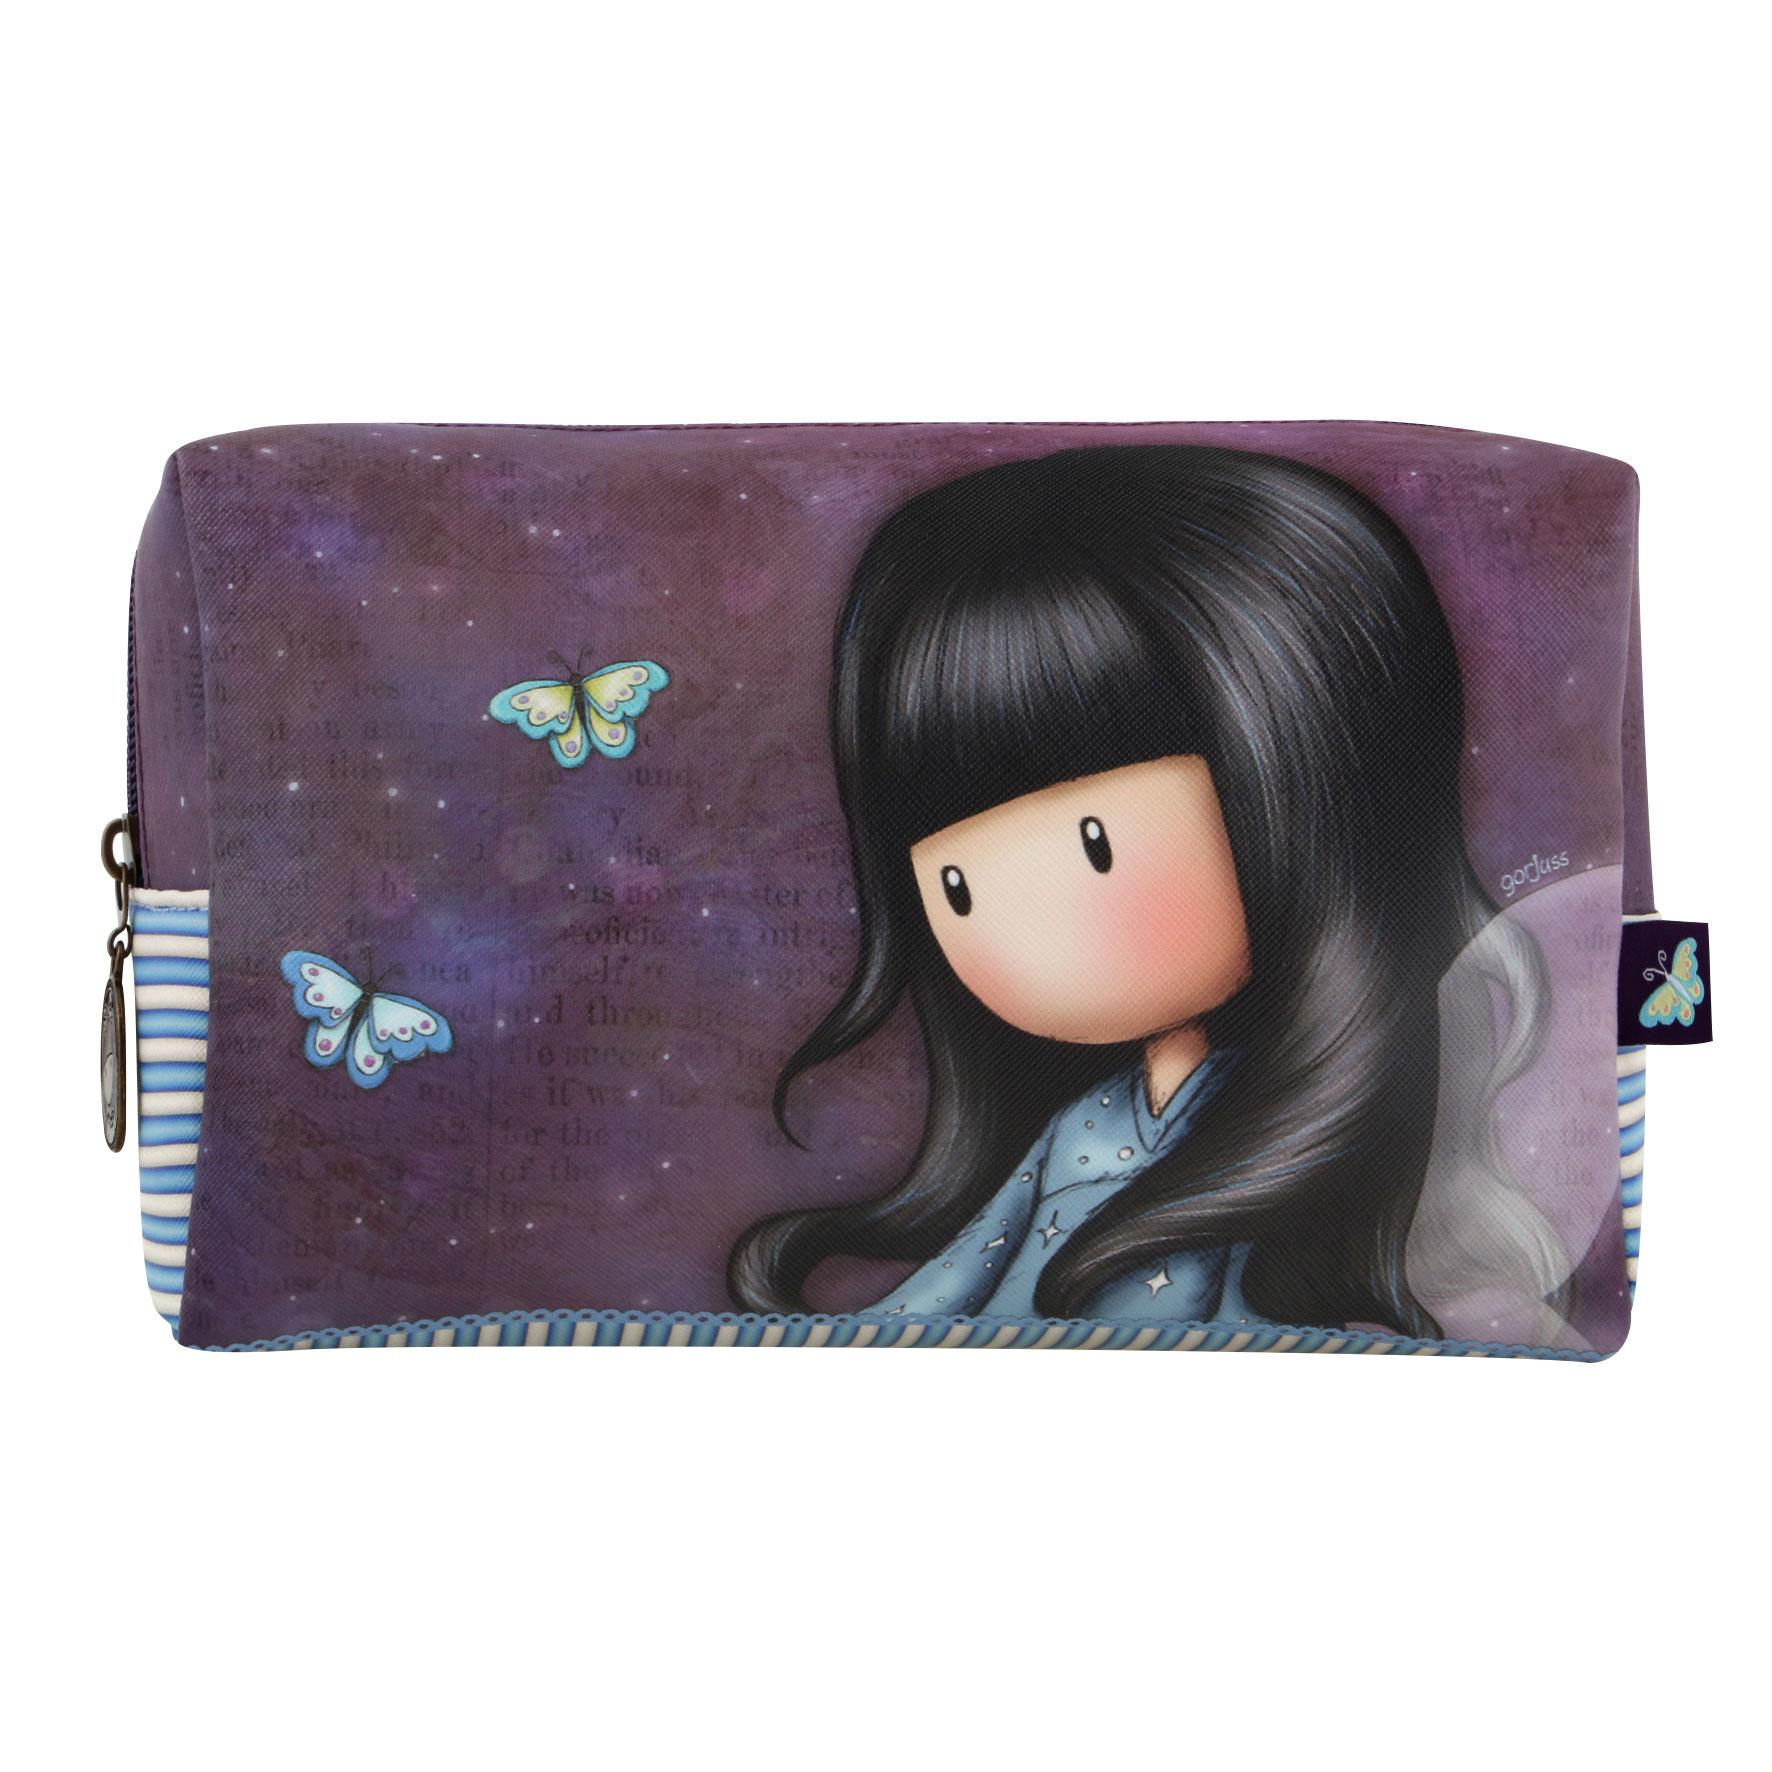 Santoro London - Kosmetická taška (velká) - Gorjuss - Bubble Fairy Fialová, modrá, černá